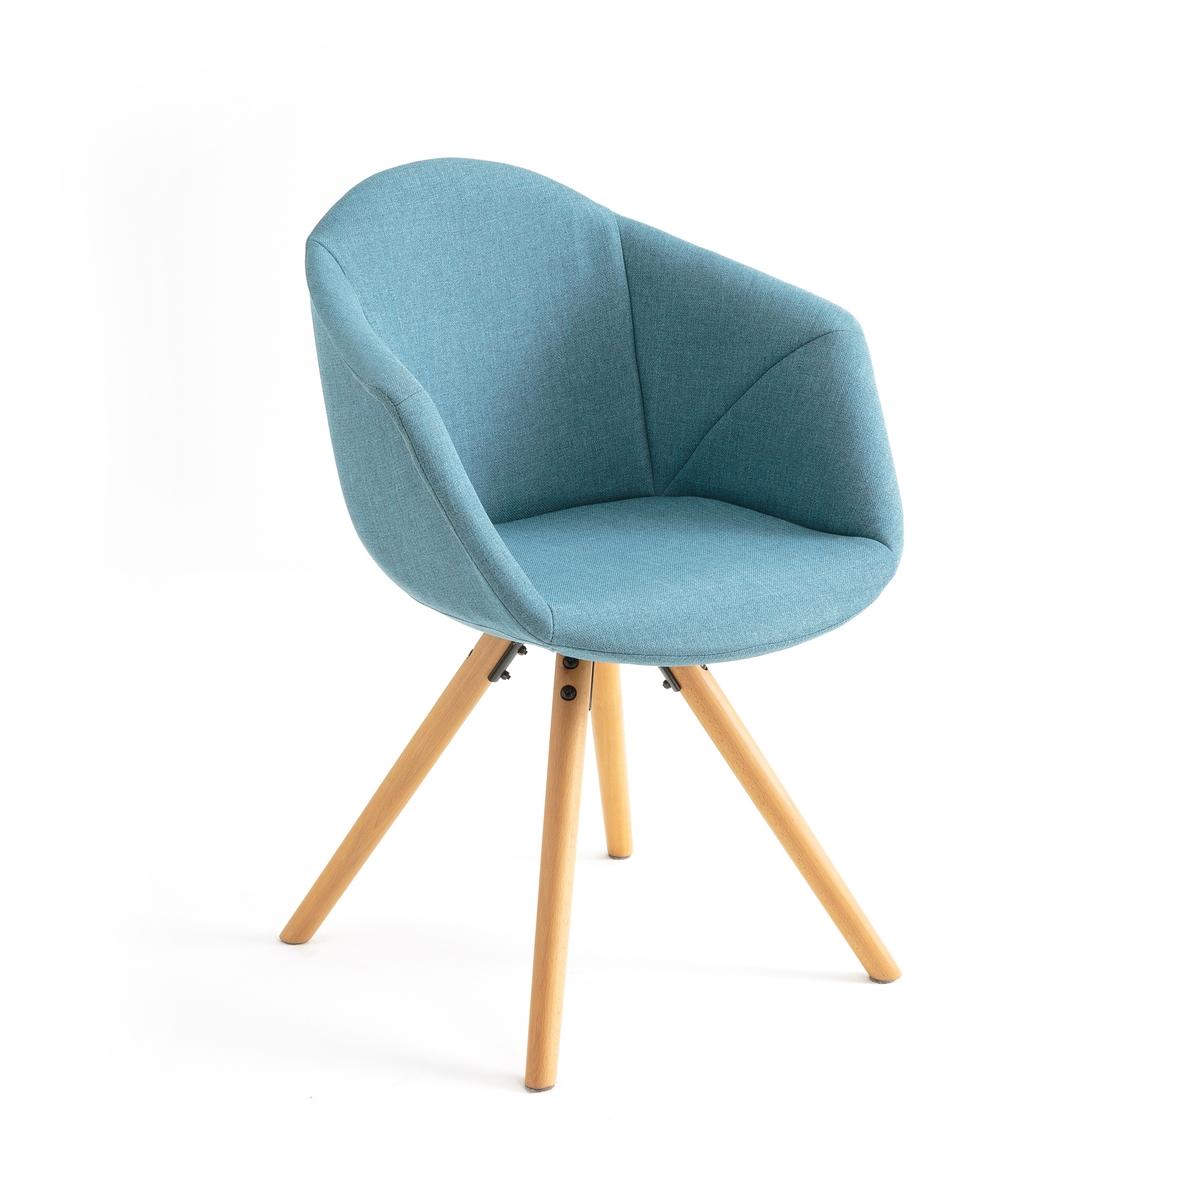 Кресло обеденное ASTINGМягкое обеденное кресло оригинального дизайна Asting. Очень стильный графичный дизайн и неоспоримый комфорт.Характеристики обеденного кресла Asting :Тканевая обивка из 100 % полиэстера.Сидение из полипропилена, наполнитель из пеноматериала, 100% полиуретан (24 кг/м?).Ножки из массива бука с лаковым нитроцеллюлозным покрытием.Для оптимального качества и устойчивости рекомендуется надежно затянуть болты. Другие модели из коллекции Asting Вы найдете на laredoute.ru.Размеры обеденного кресла Asting :Общие Длина :  58 смВысота : 81 смГлубина : 57 см.Сиденье Высота : 47,5 см Размеры и вес упаковки:1 коробкаШ63 x В44 x Г56 см. Вес 10,45 кгДоставка :Обеденное кресло Asting продается в разобранном виде. Доставка будет осуществлена до вашей квартиры по предварительному согласованию!Внимание   ! Убедитесь в том, что товар возможно доставить на дом, учитывая его габариты(проходит в двери, по лестницам, в лифты).<br><br>Цвет: желтый горчичный,светло-серый,синий